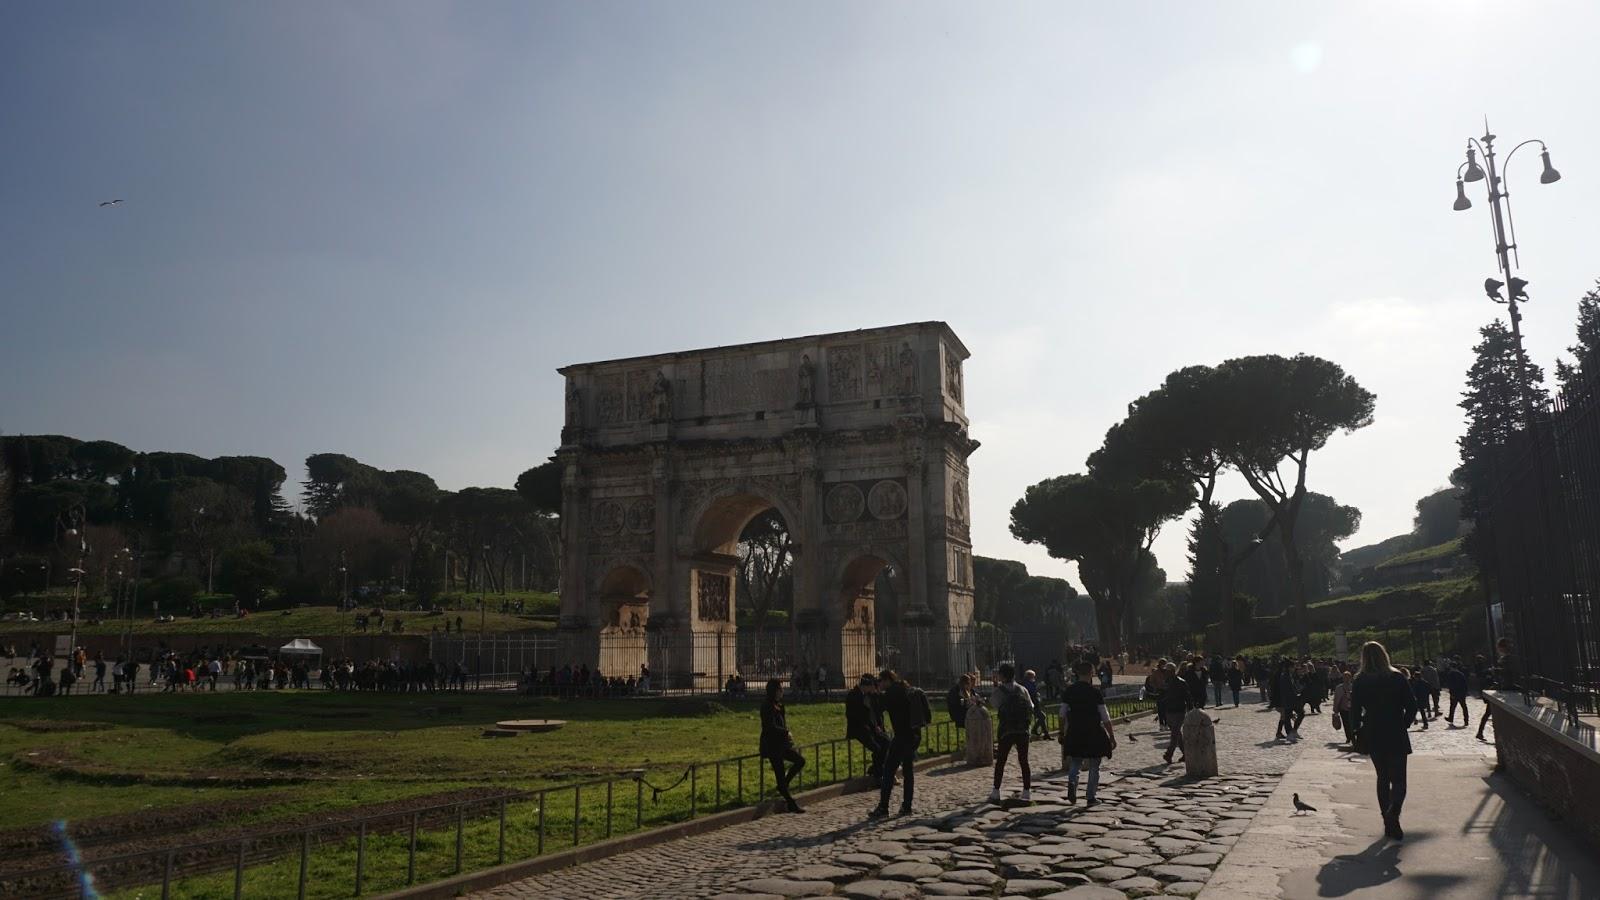 Łuk Konstantyna Wielkiego, atrakcje Rzymu, Rzym, co zwiedzić w Rzymie, podróż poślubna w Rzymie, gdzie w podróż poślubną